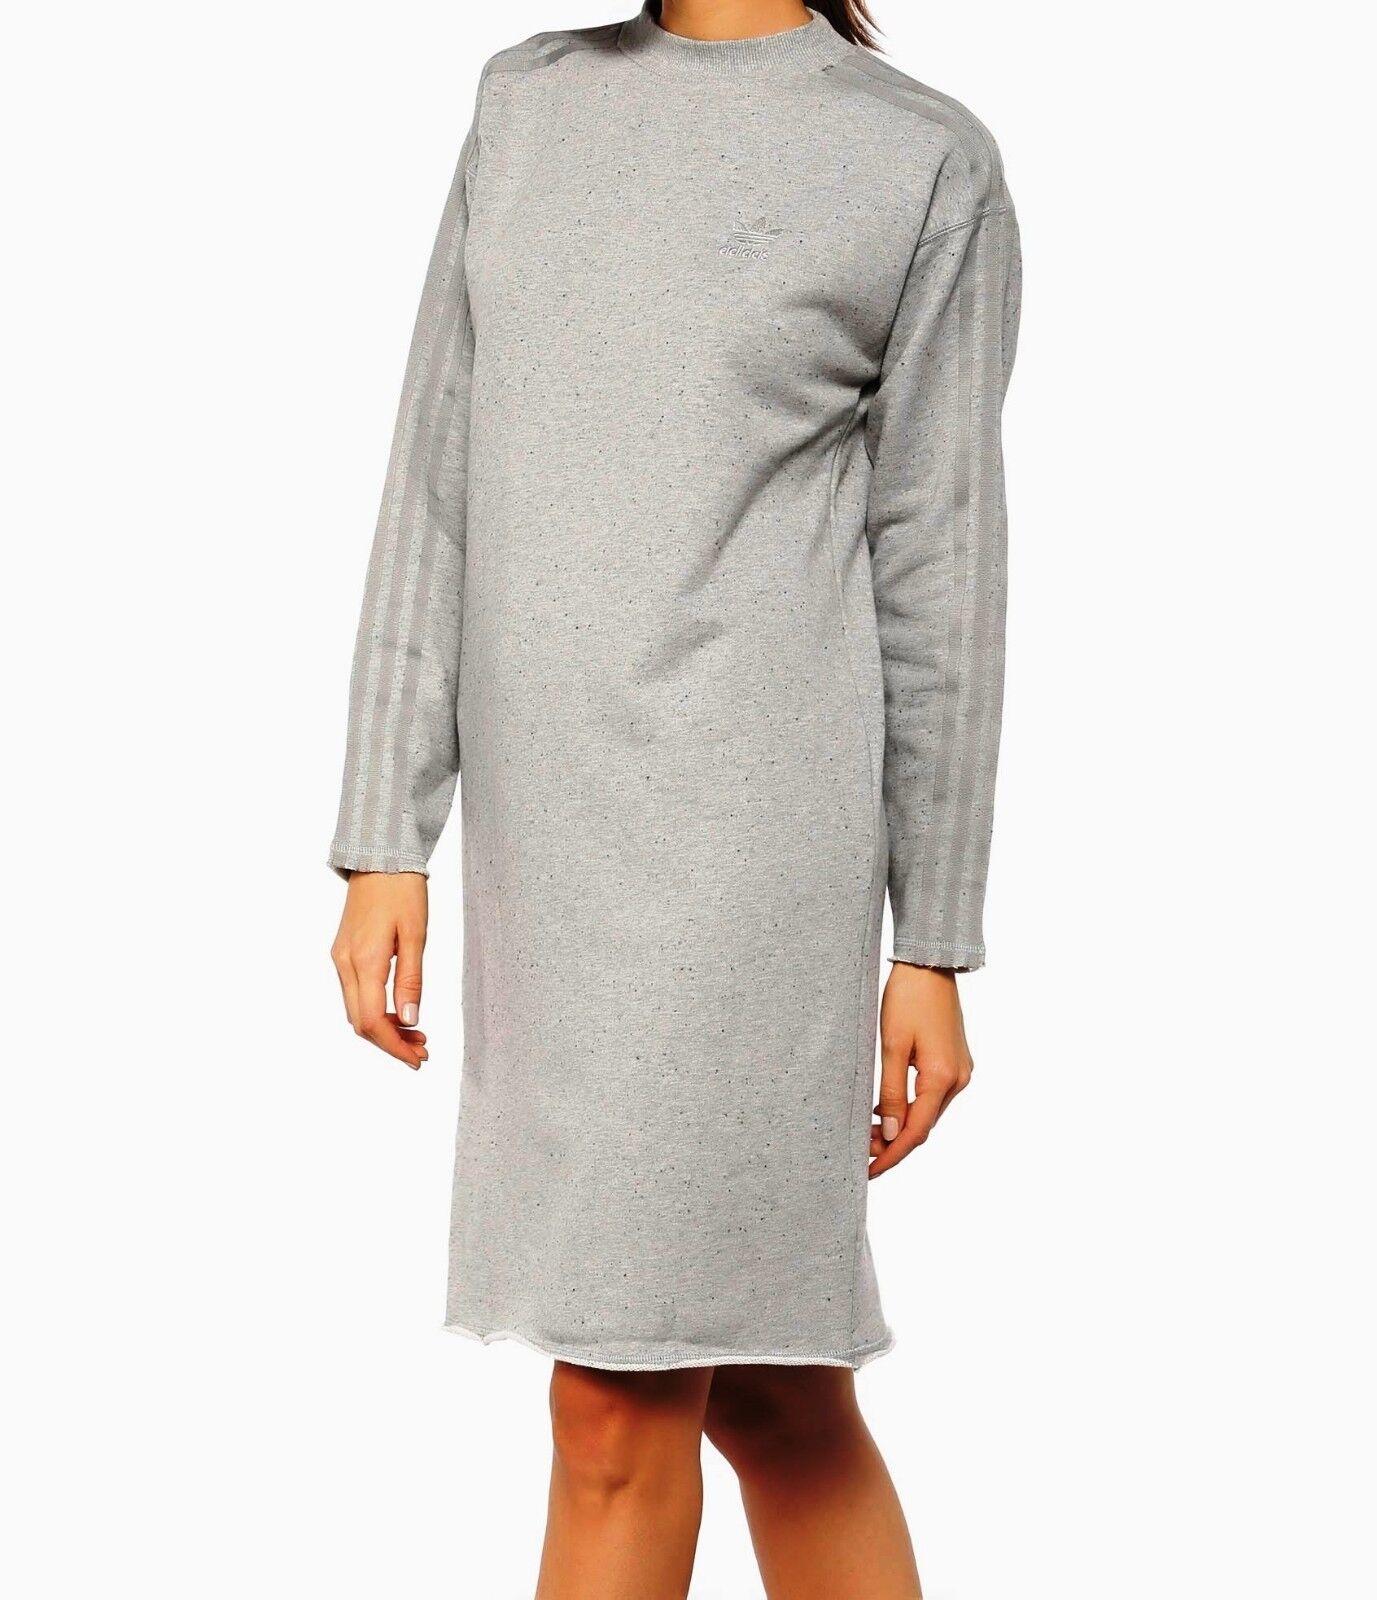 ADIDAS ORIGINALS SWEATER CREW DRESS  grau -BNWT Größe UK 6,8,10,12 RARE